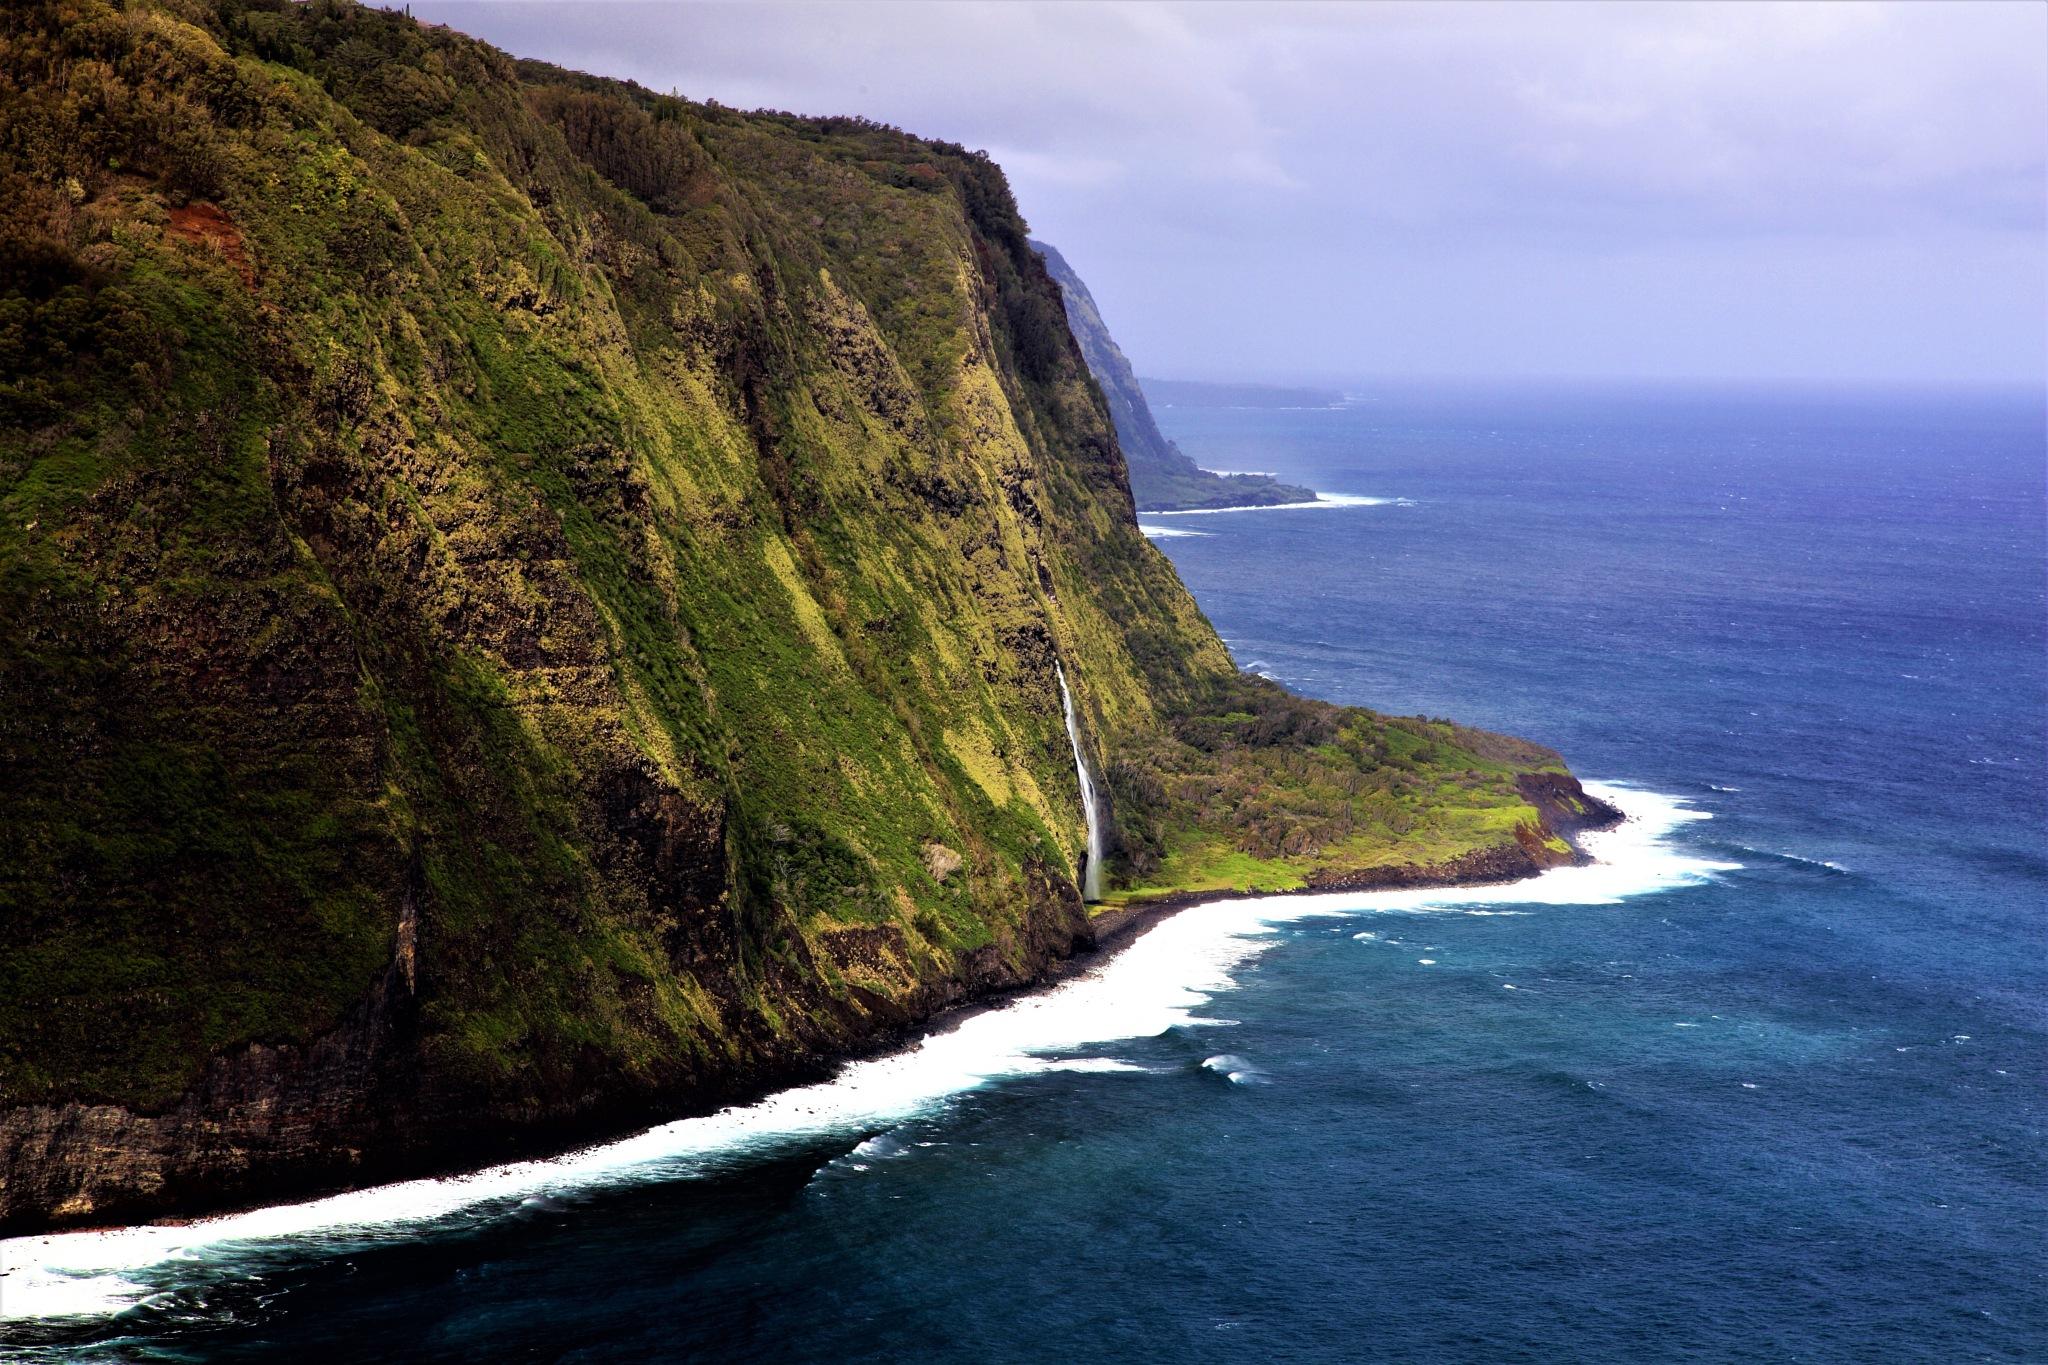 3000 foot cliffs of Waipio Coast Kona Hawaii by Miloliidrifter